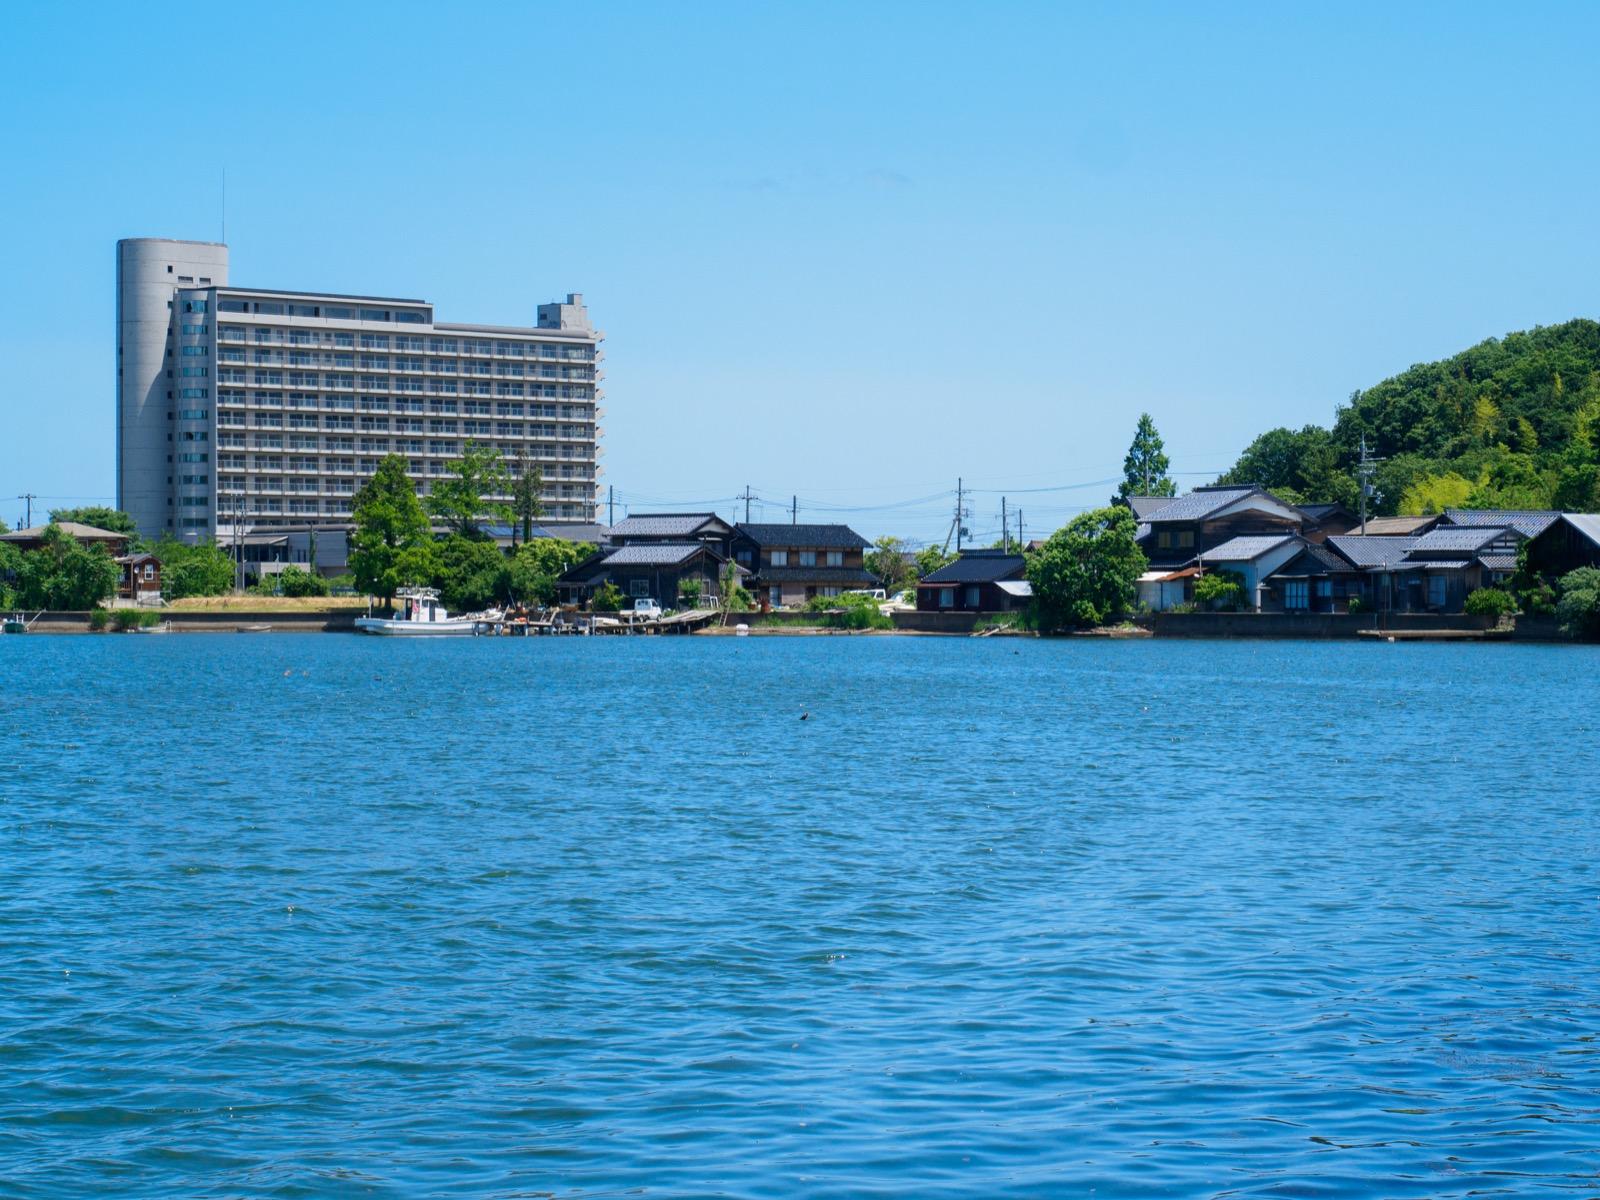 小天橋駅前の突堤から見た久美浜湾と廃墟